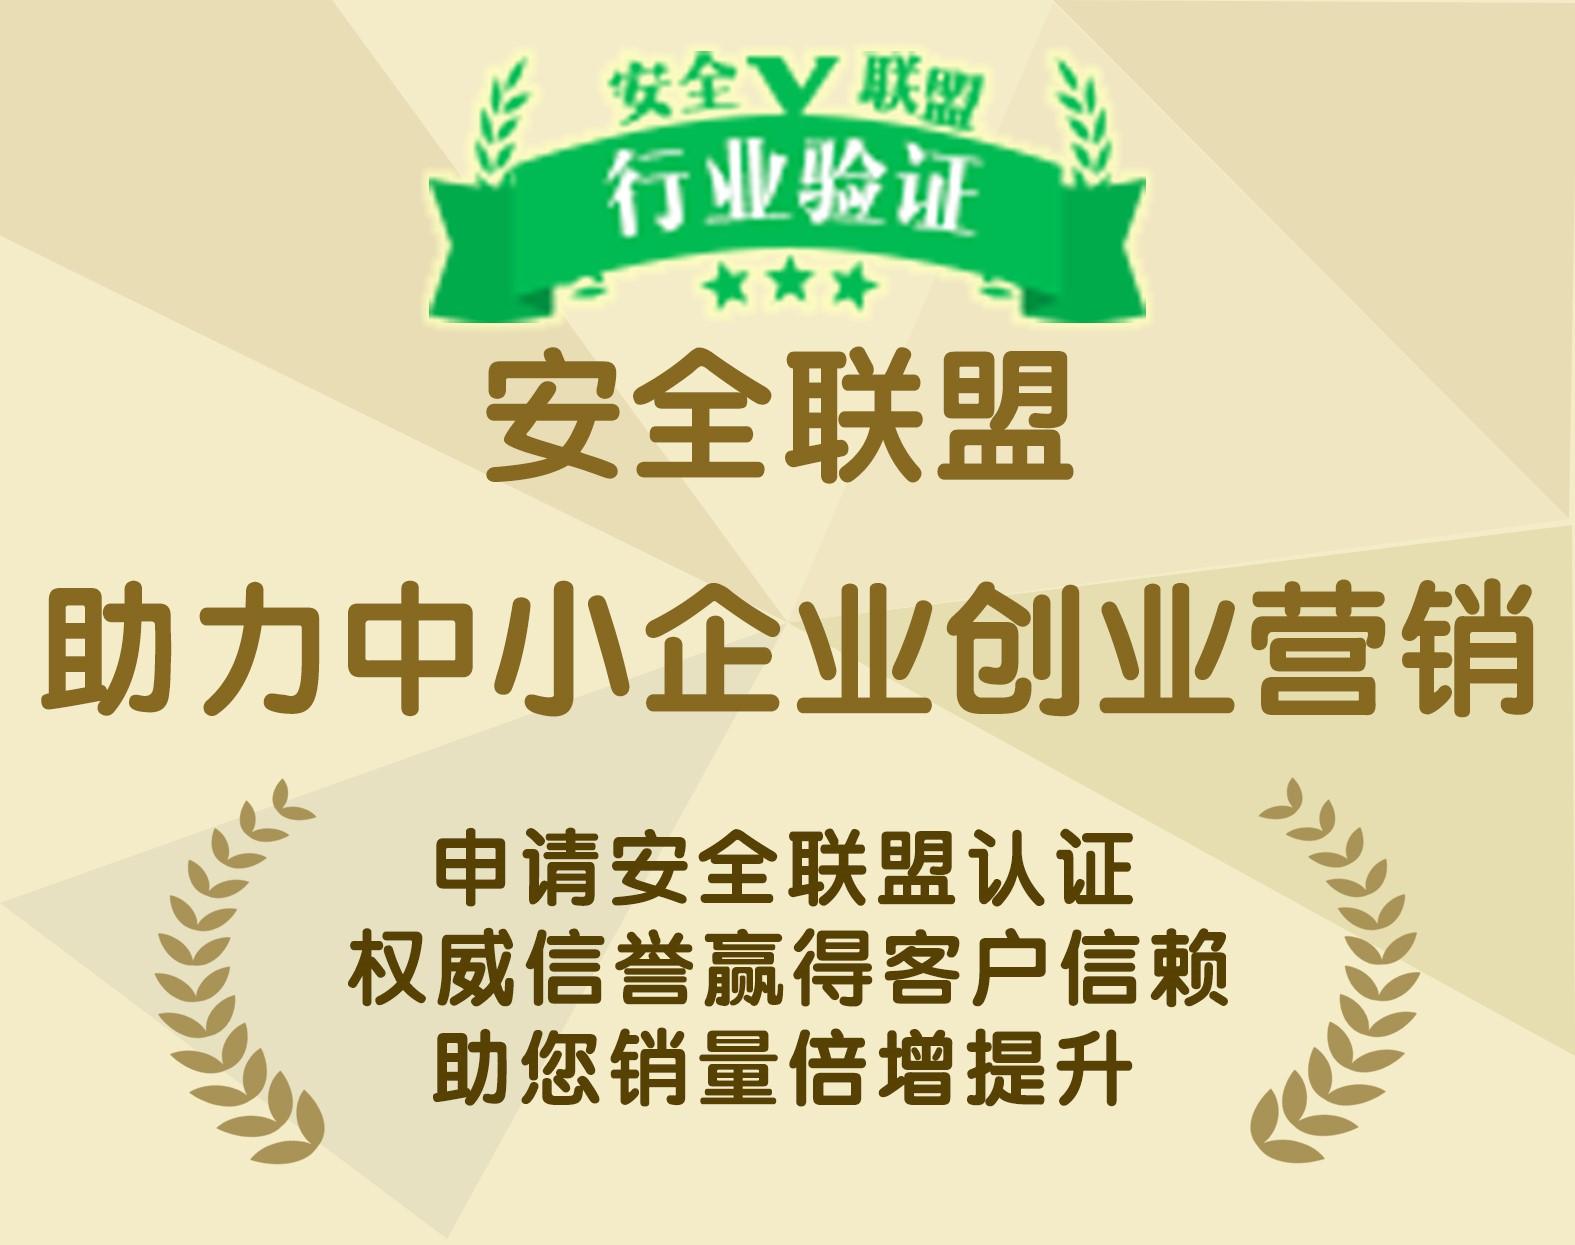 办理安全联盟/建站之星快速建站公司/北京中万网络科技有限责任公司